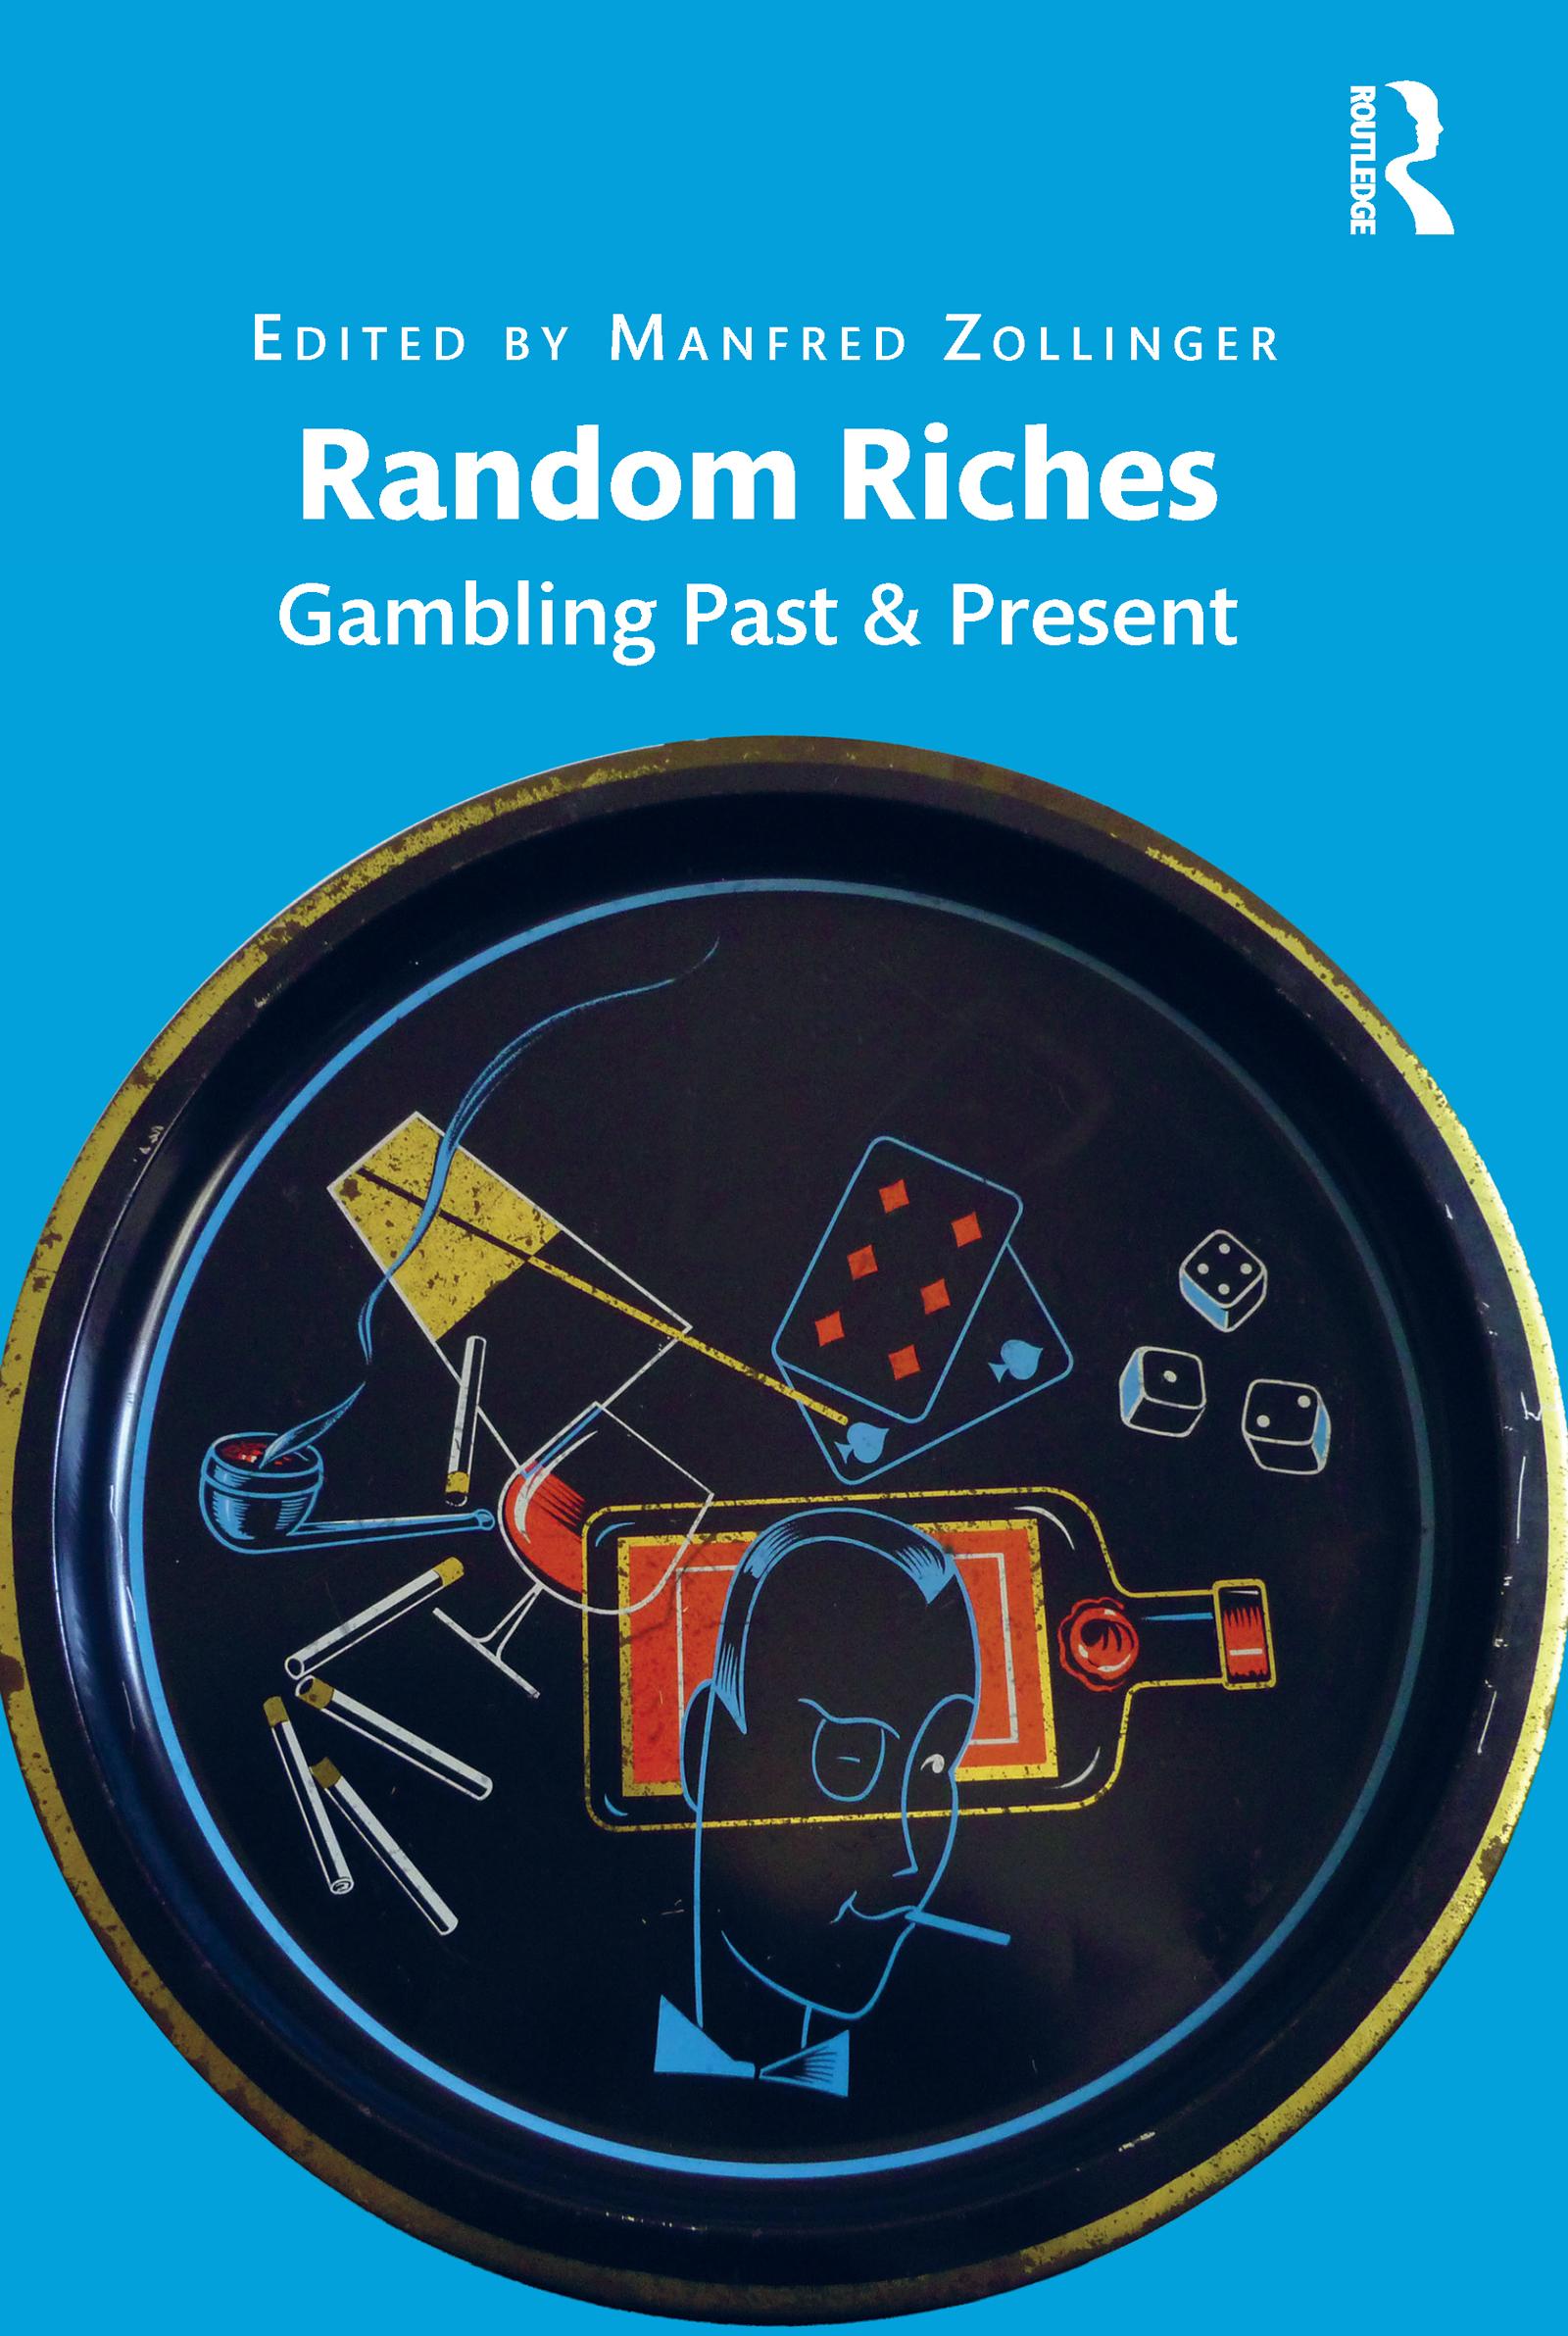 Random Riches